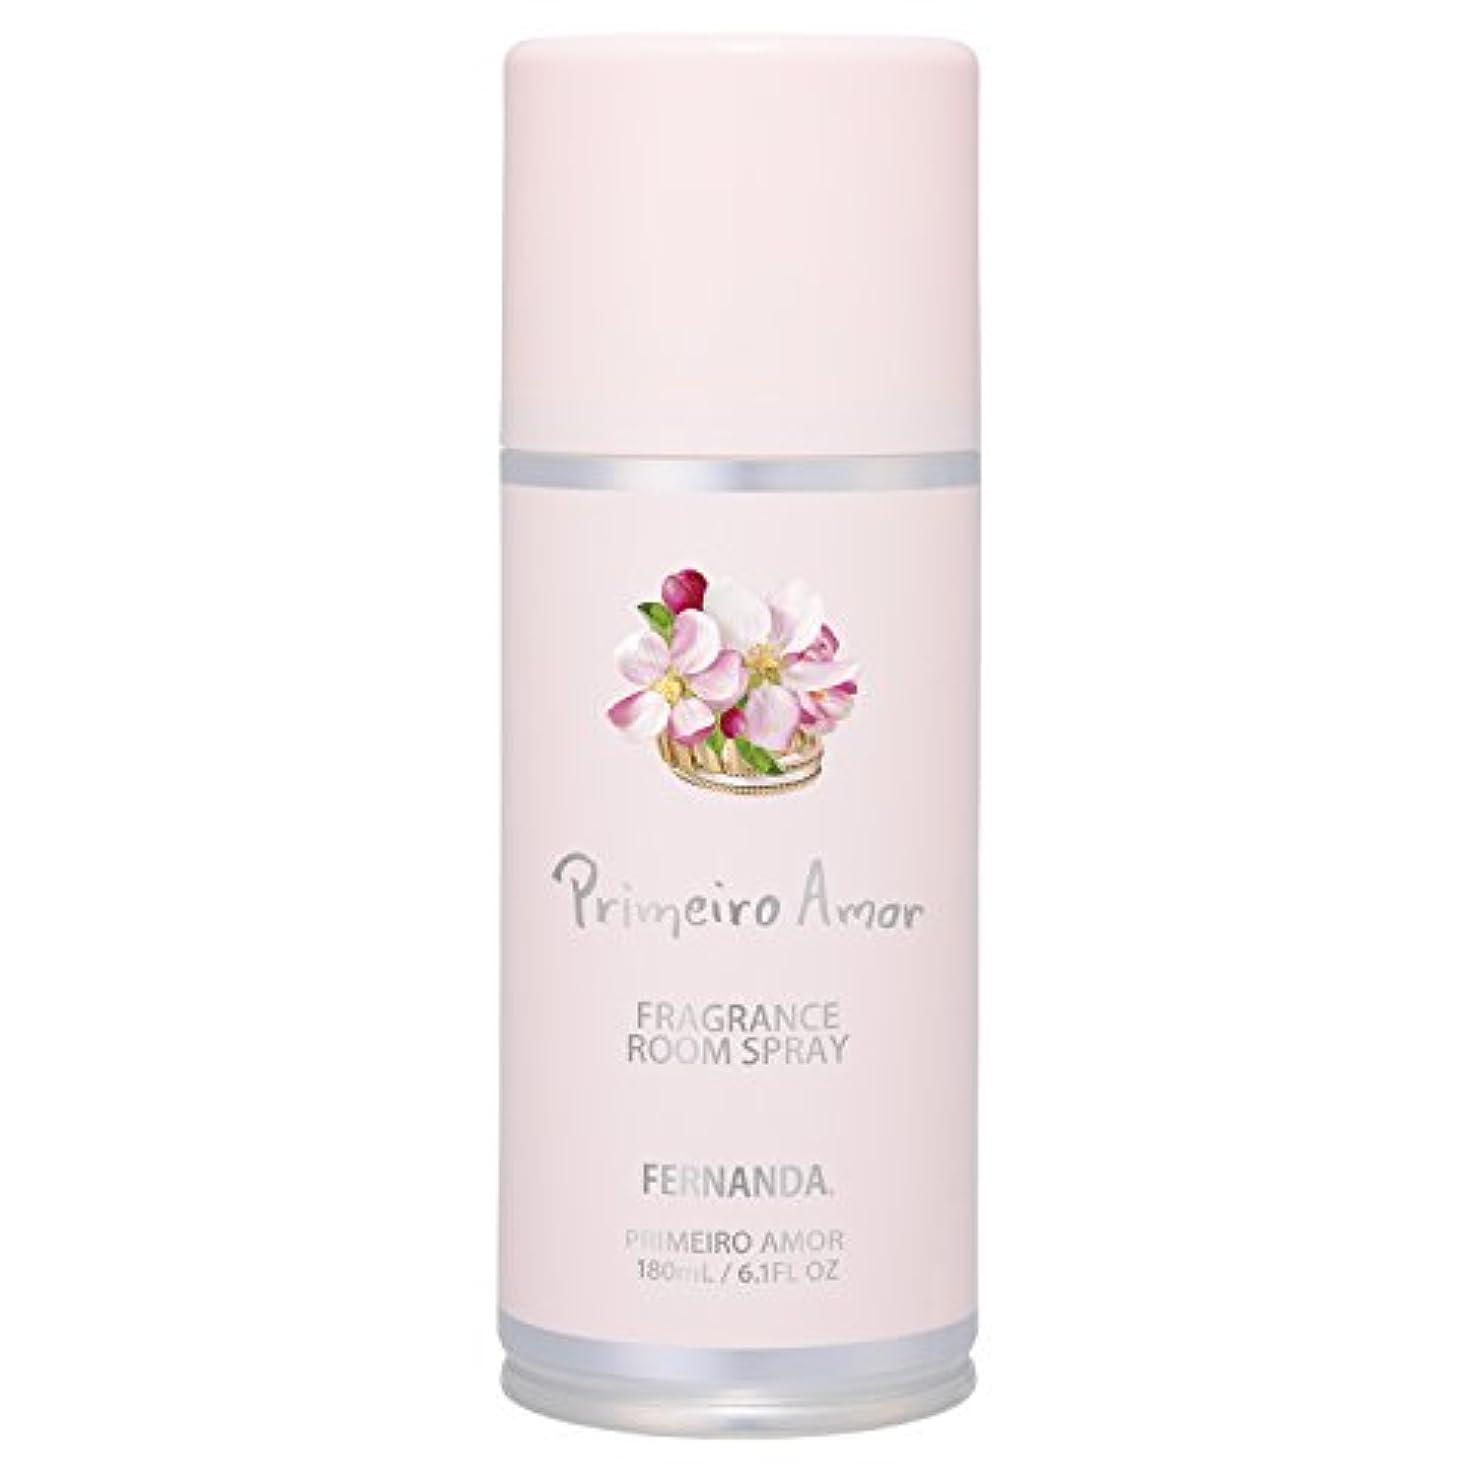 機関不信気怠いFERNANDA(フェルナンダ) Room Spray Primeiro Amor(ルームスプレー プリメイロアモール)